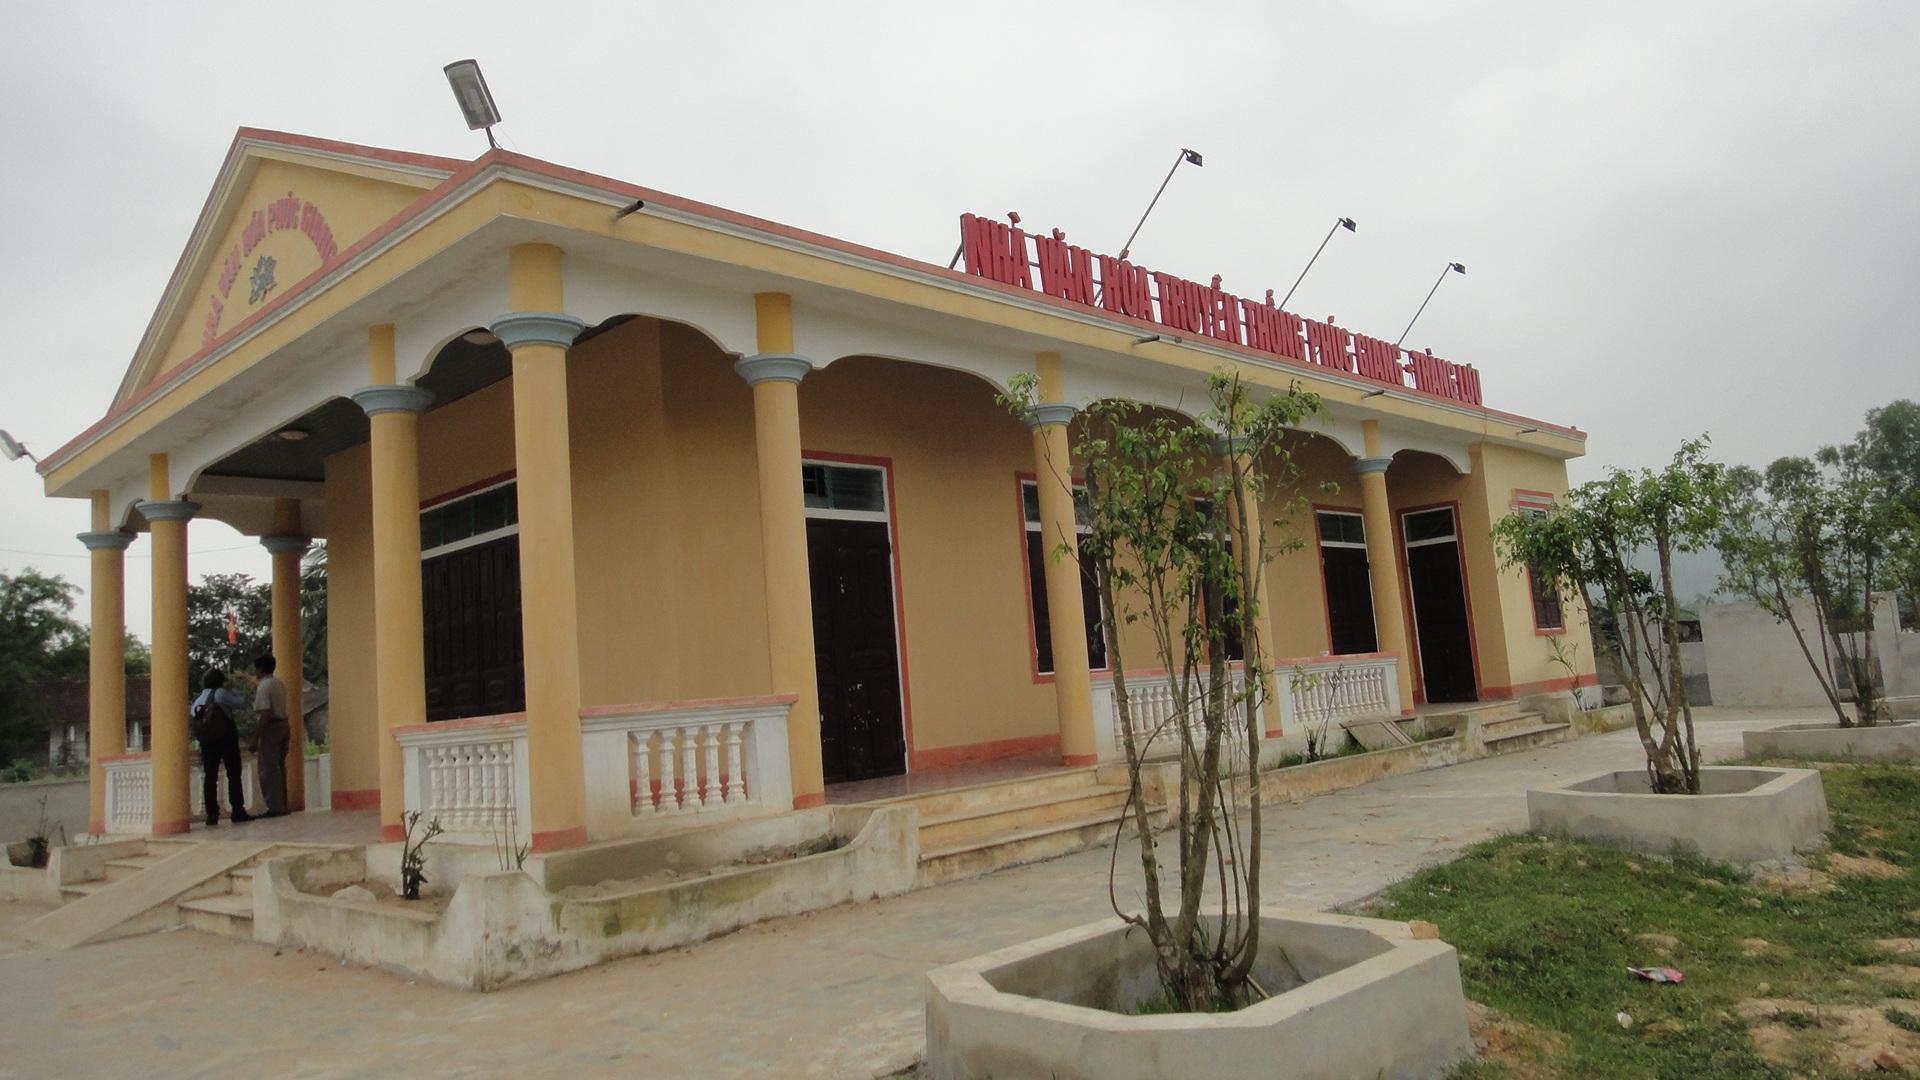 Nhà văn hóa khang trang vừa được xây dựng nhờ công lớn đóng góp của con cháu trong làng